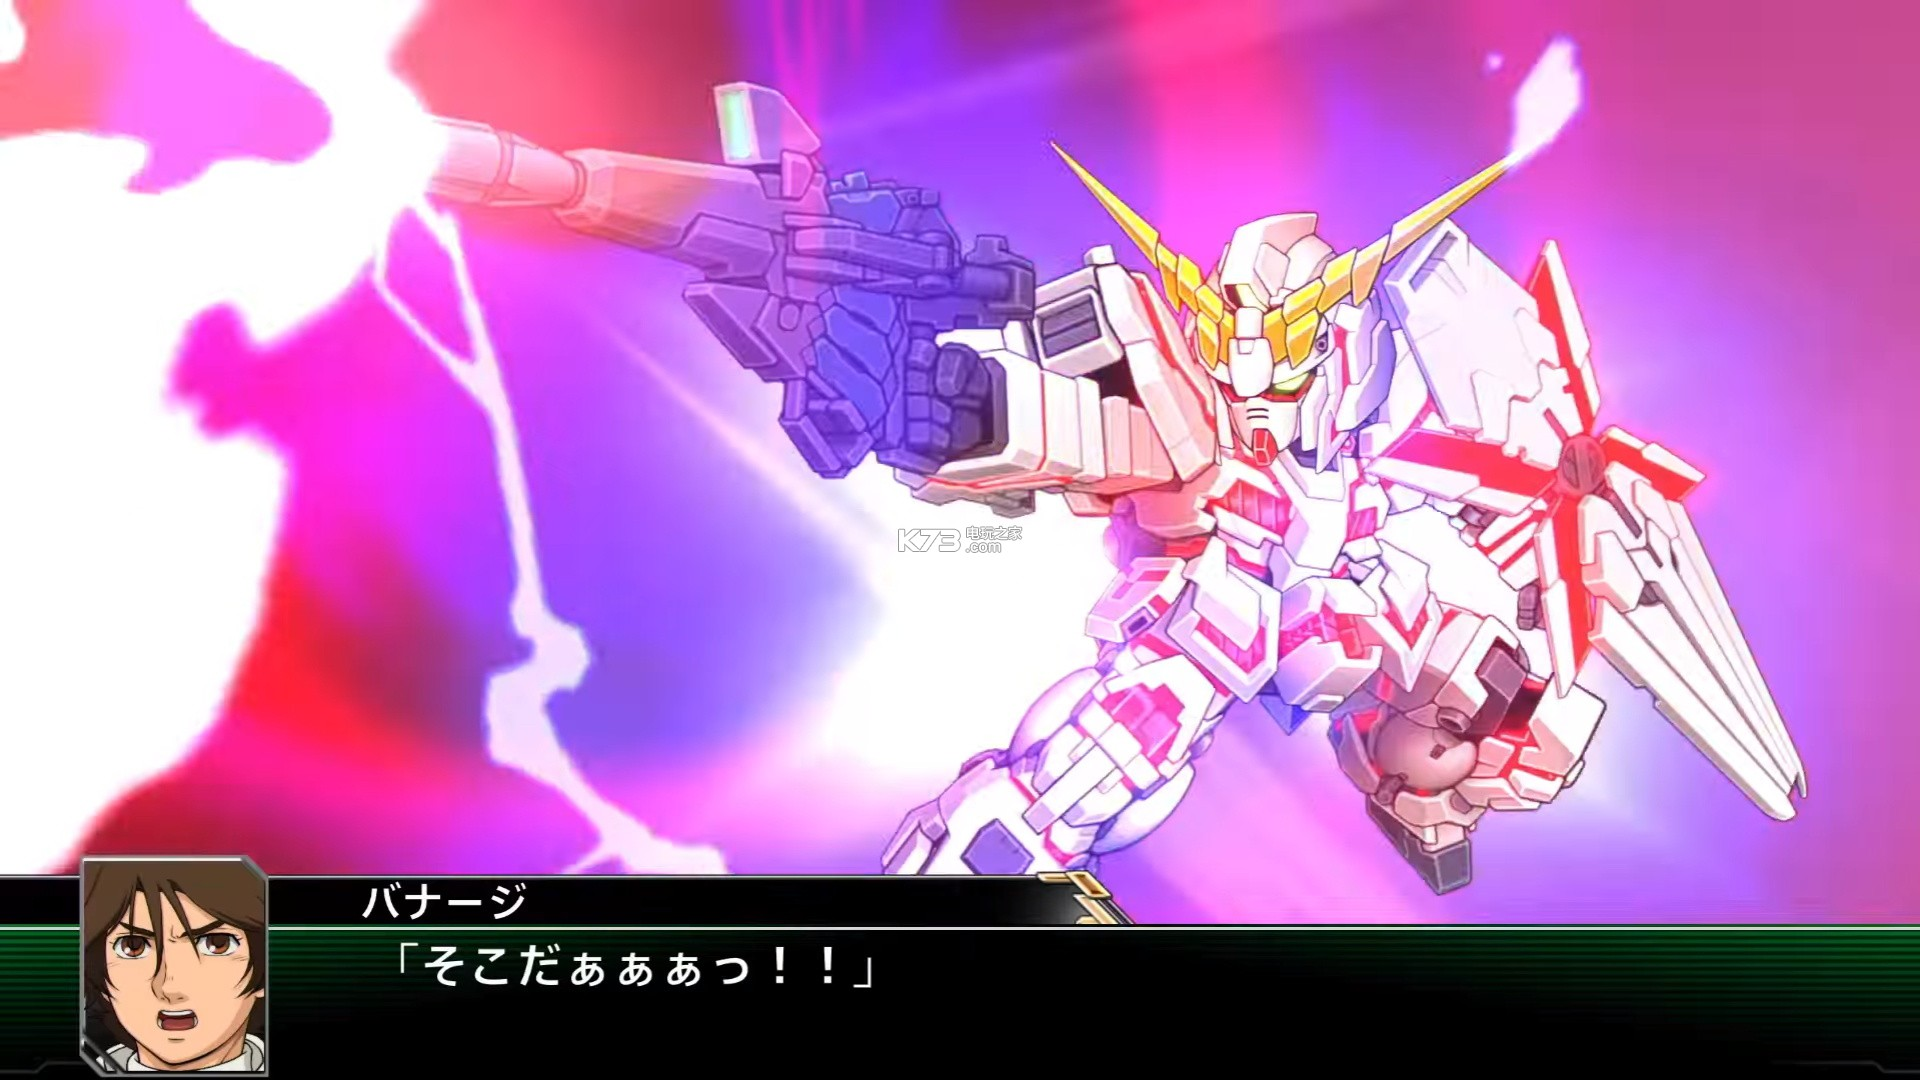 超级机器人大战v 繁体中文版下载 截图